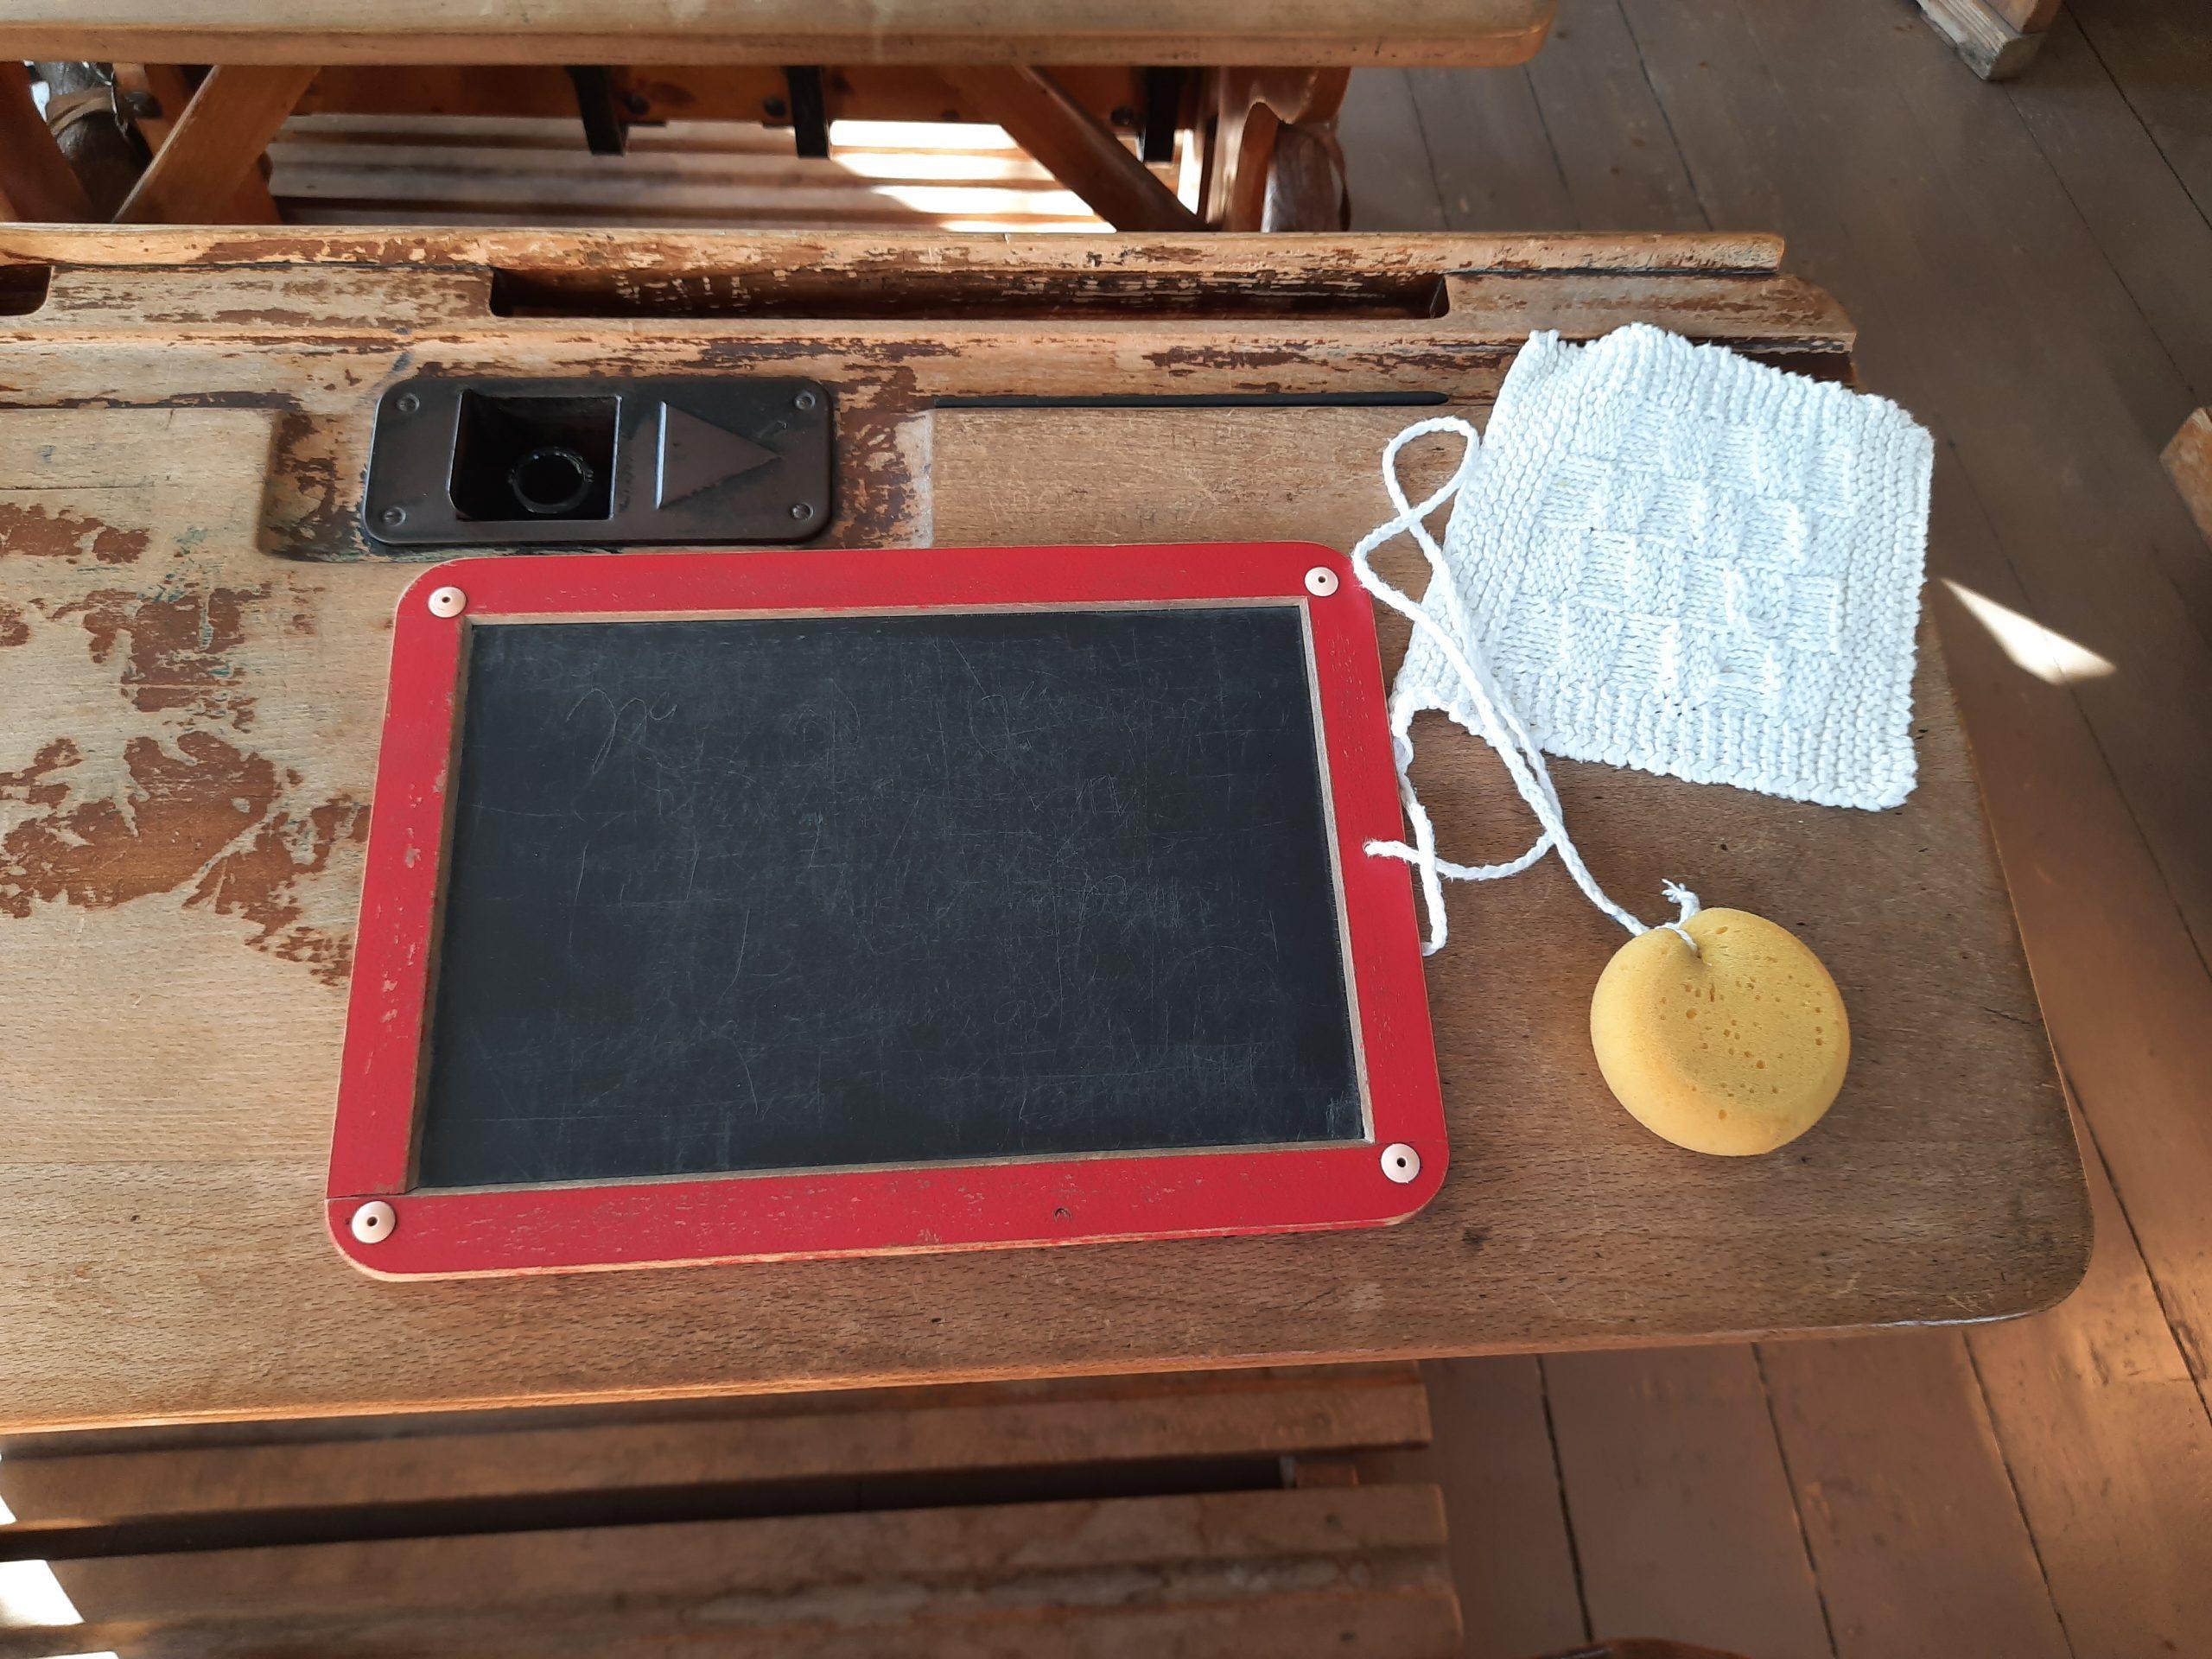 Bild von einer Schreibtafel